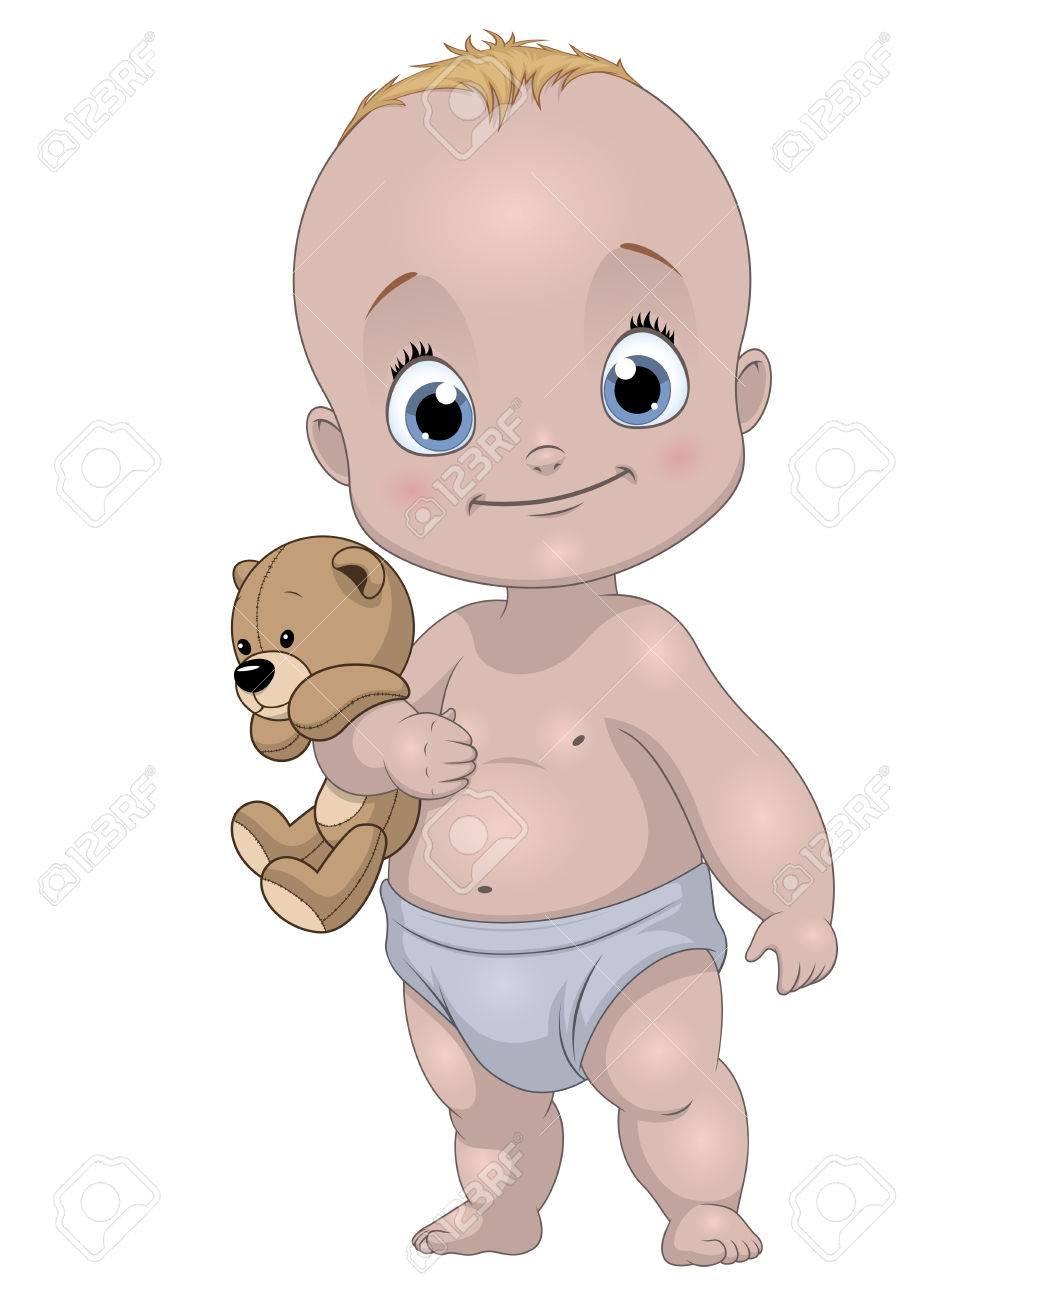 白い背景におもちゃでベクトル イラスト面白い赤ちゃんのイラスト素材 ベクタ Image